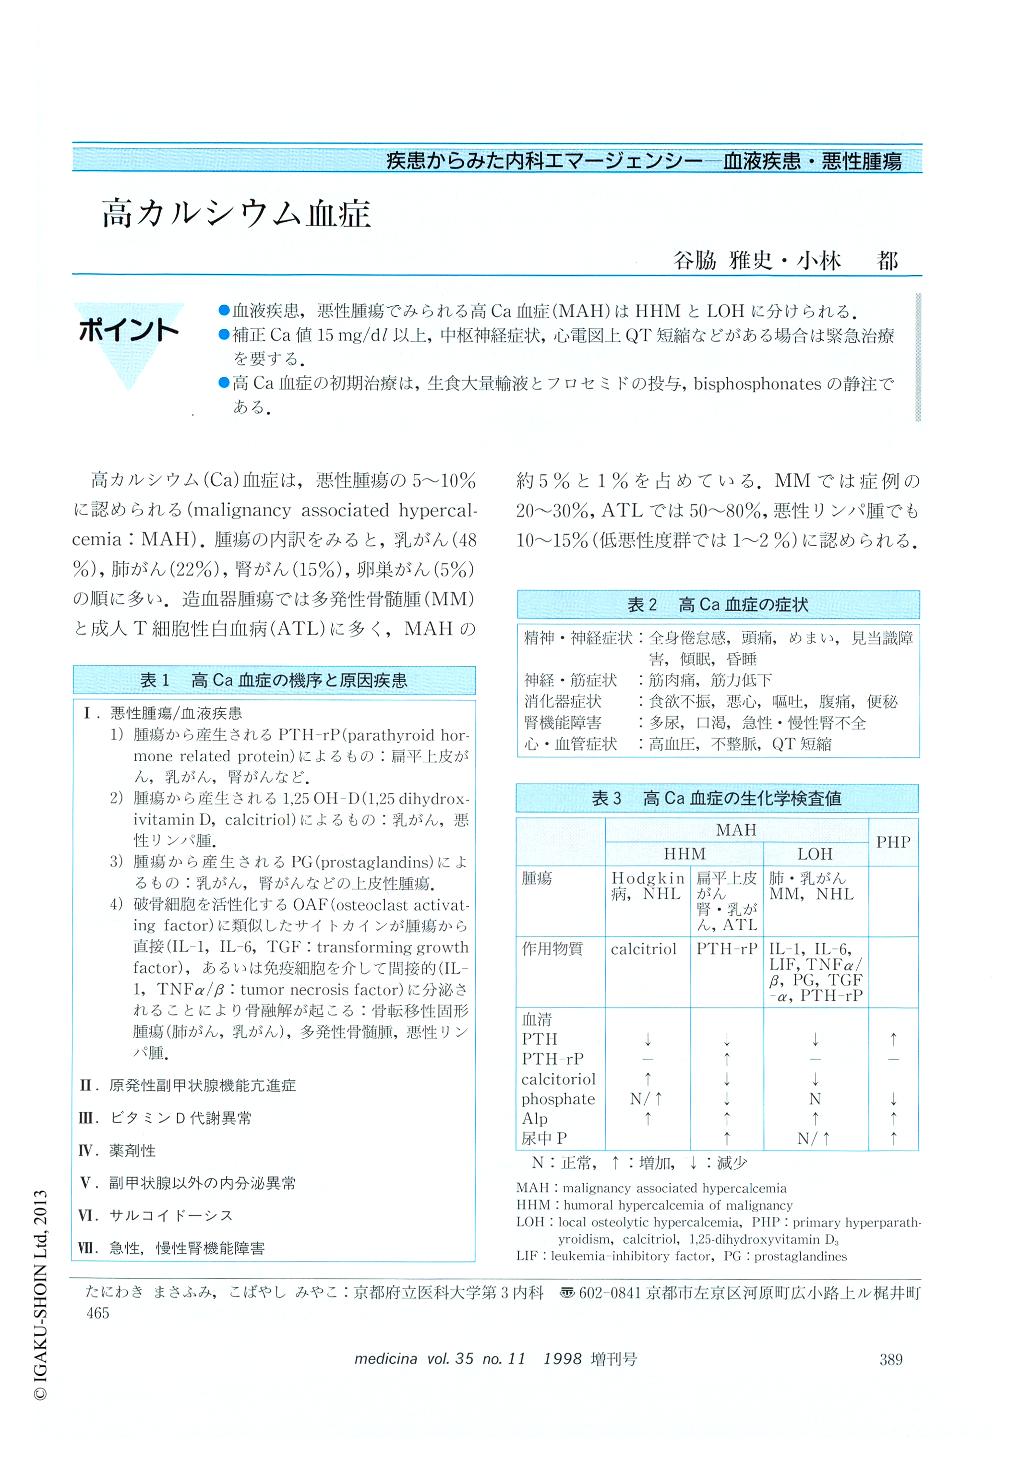 高 カルシウム 血 症 治療